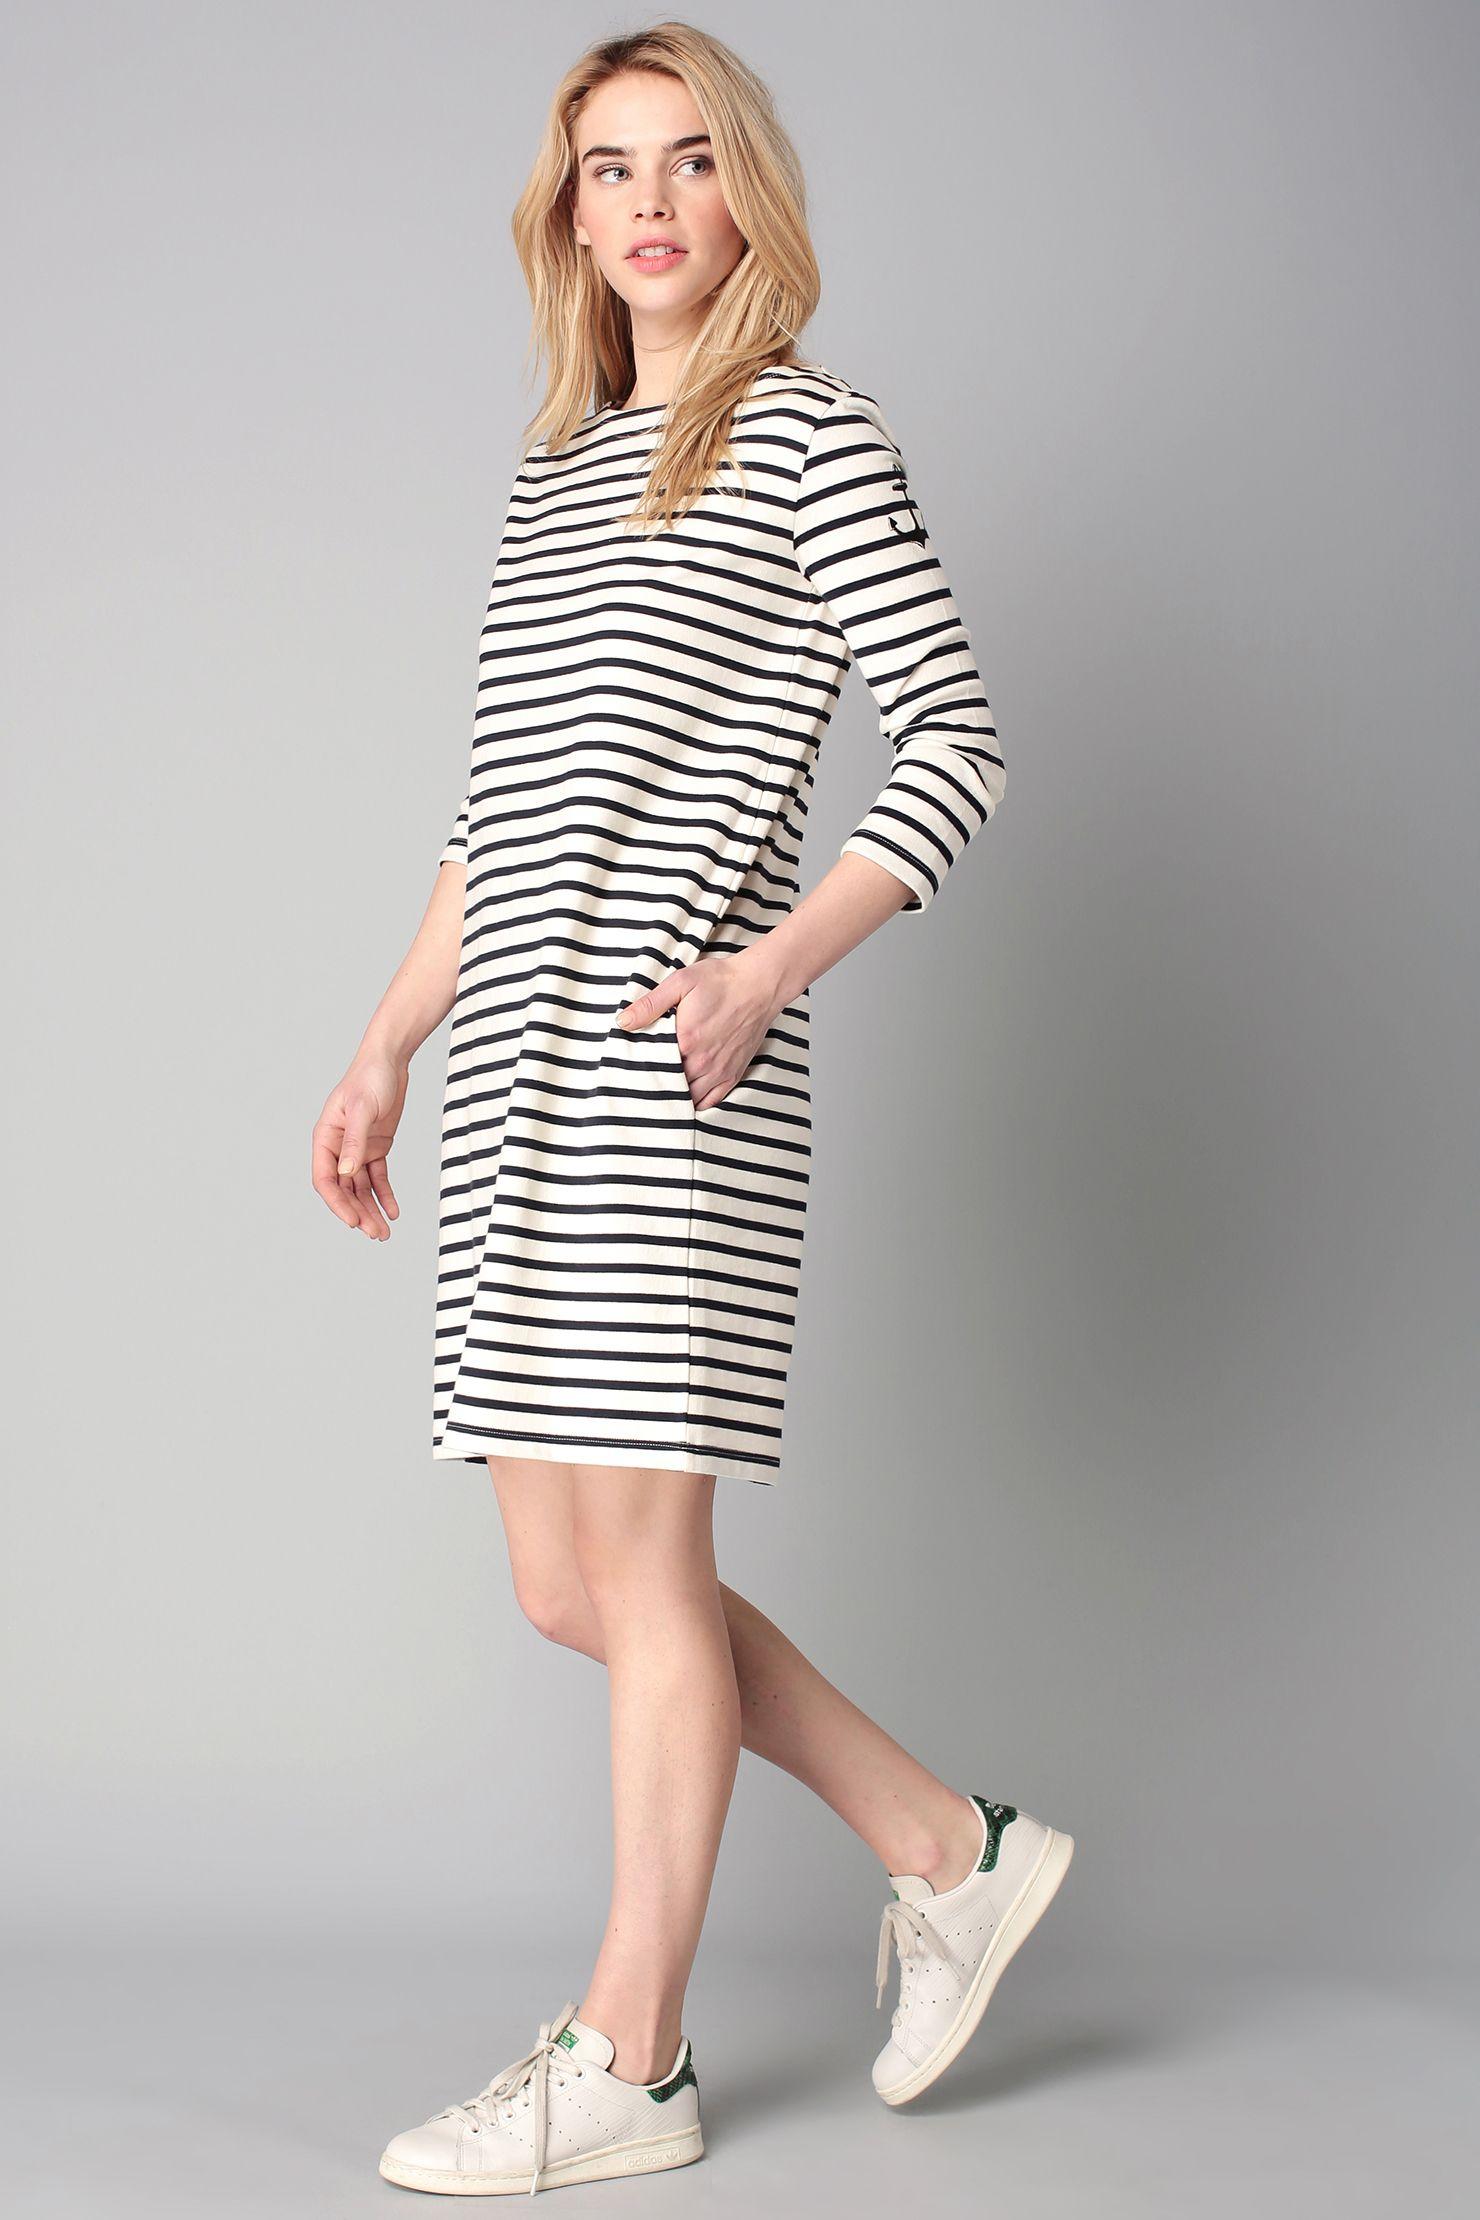 52f40accd8a Robe marinière en coton - Très droite mais pas longue - Manches longues ou  courtes pas bretelles - Blanche et noire   Blanche et bleue